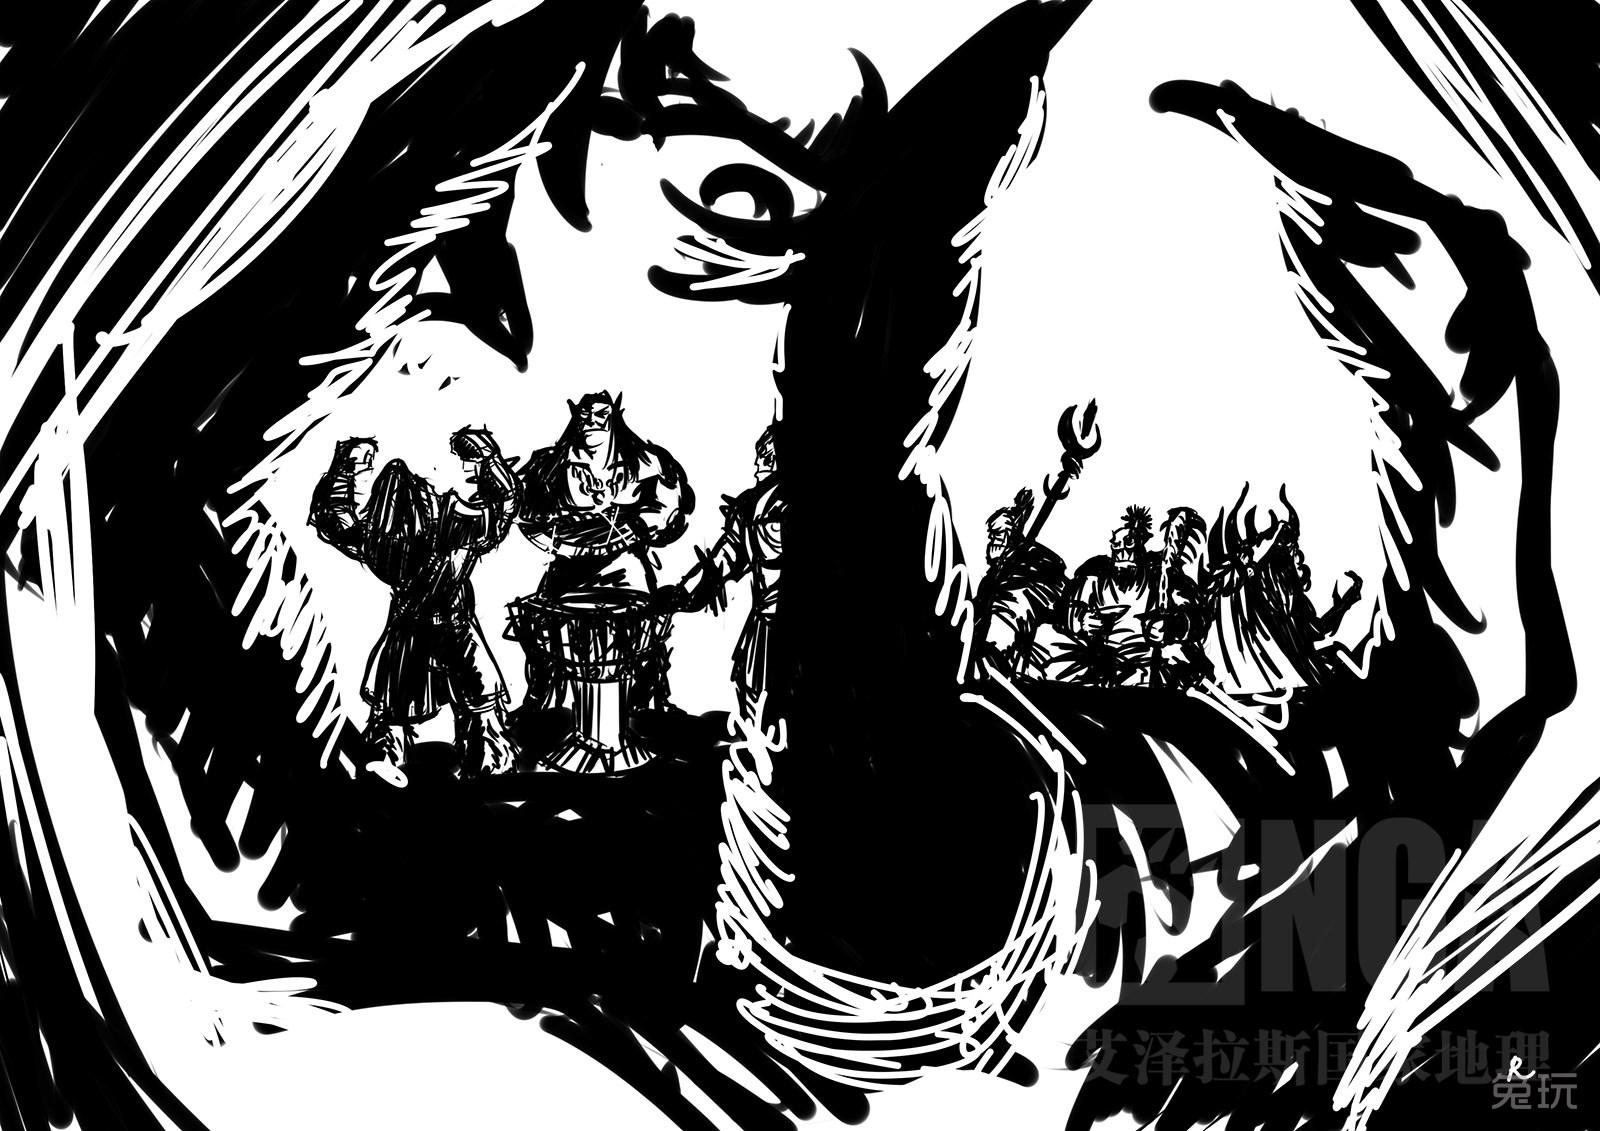 魔兽世界部落素材